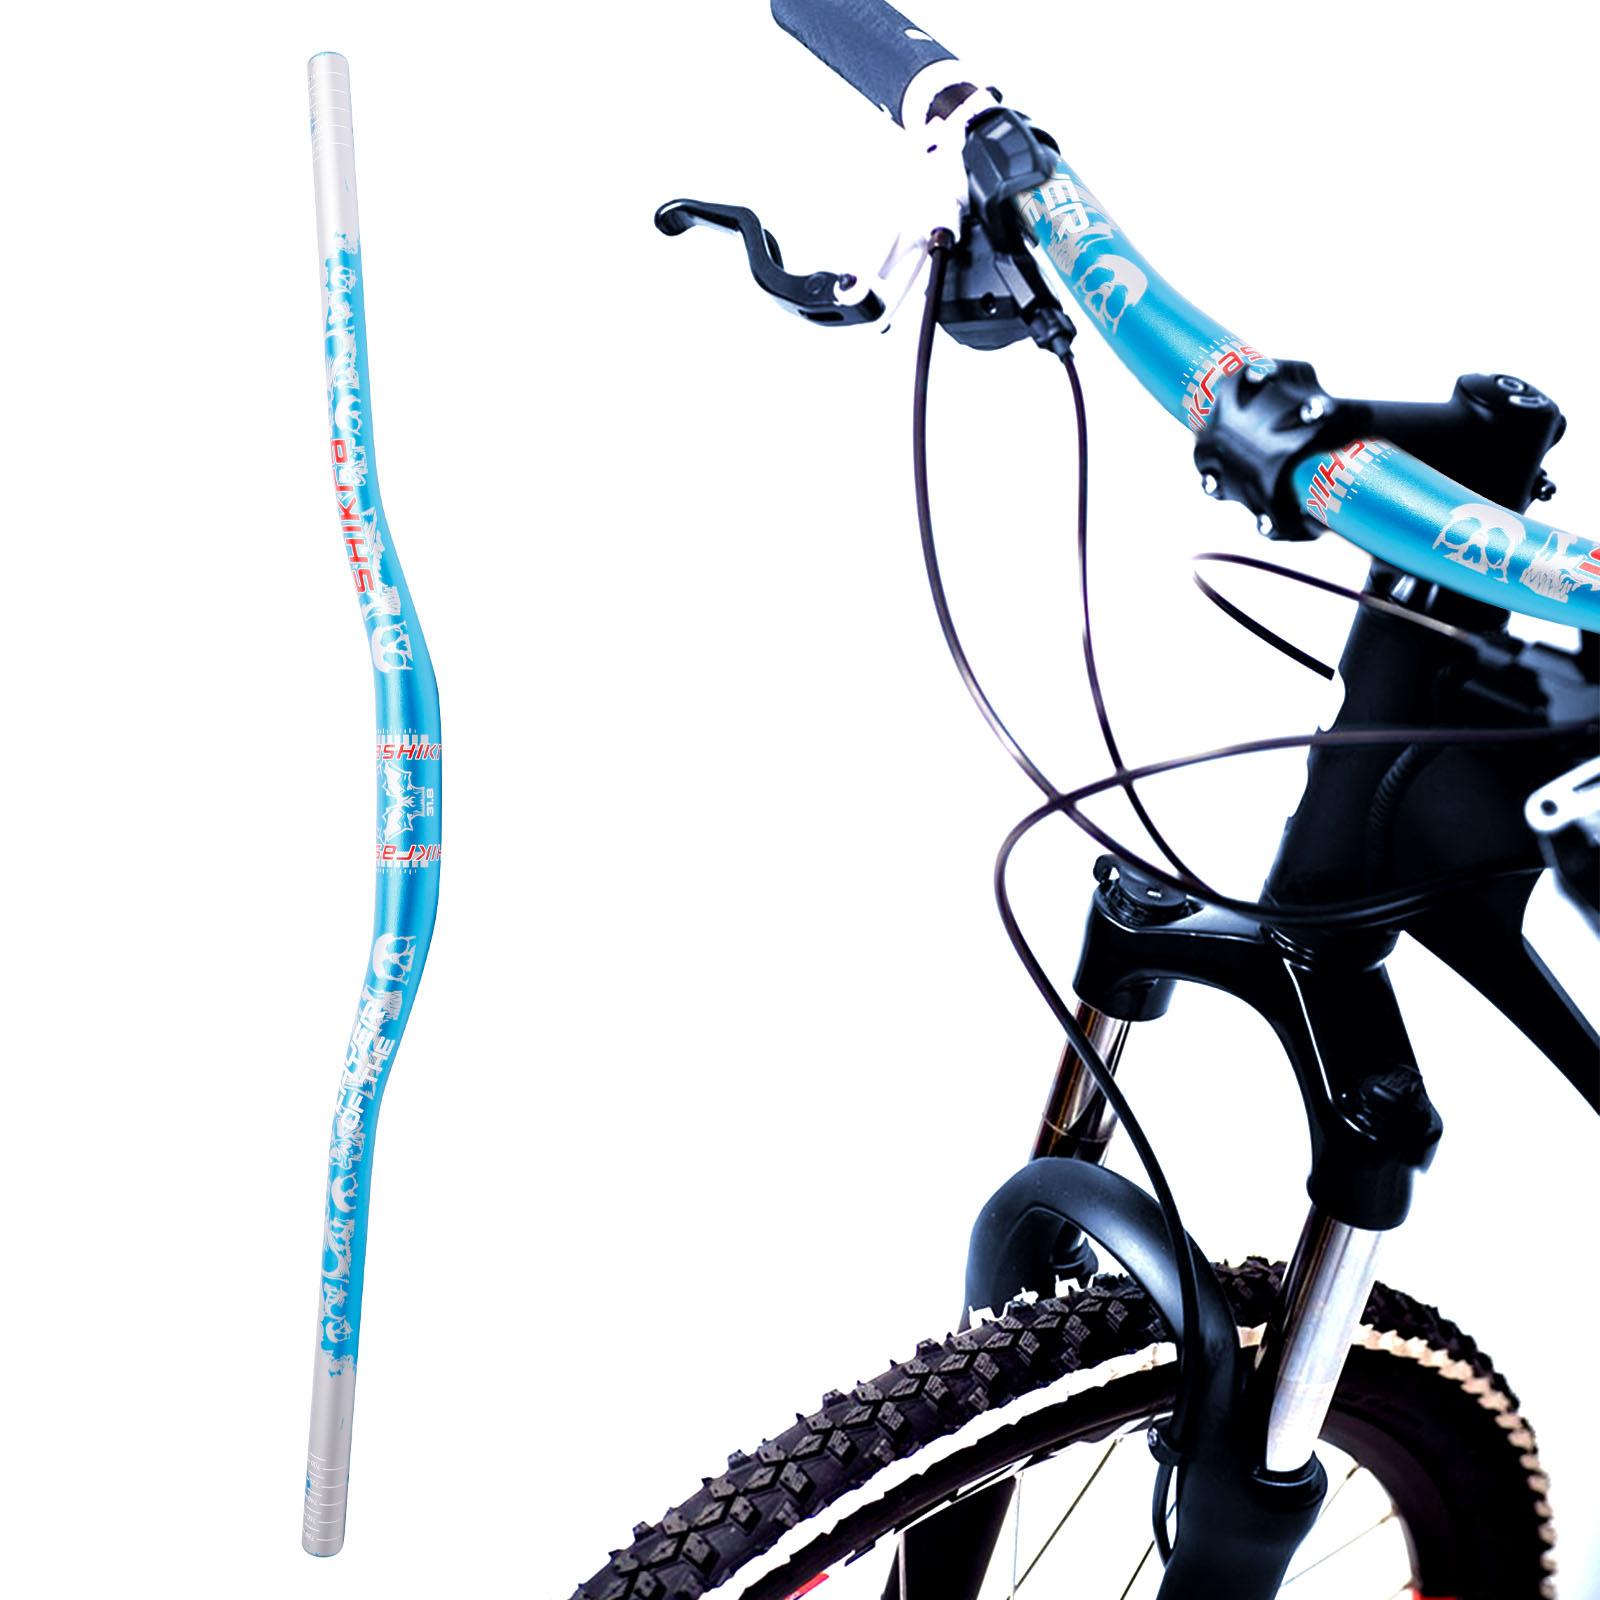 Fahrrad Lenkerbügel MTB LENKER Riser 780 MM Ø 31,8 MM  Aluminiumlegierung Neu